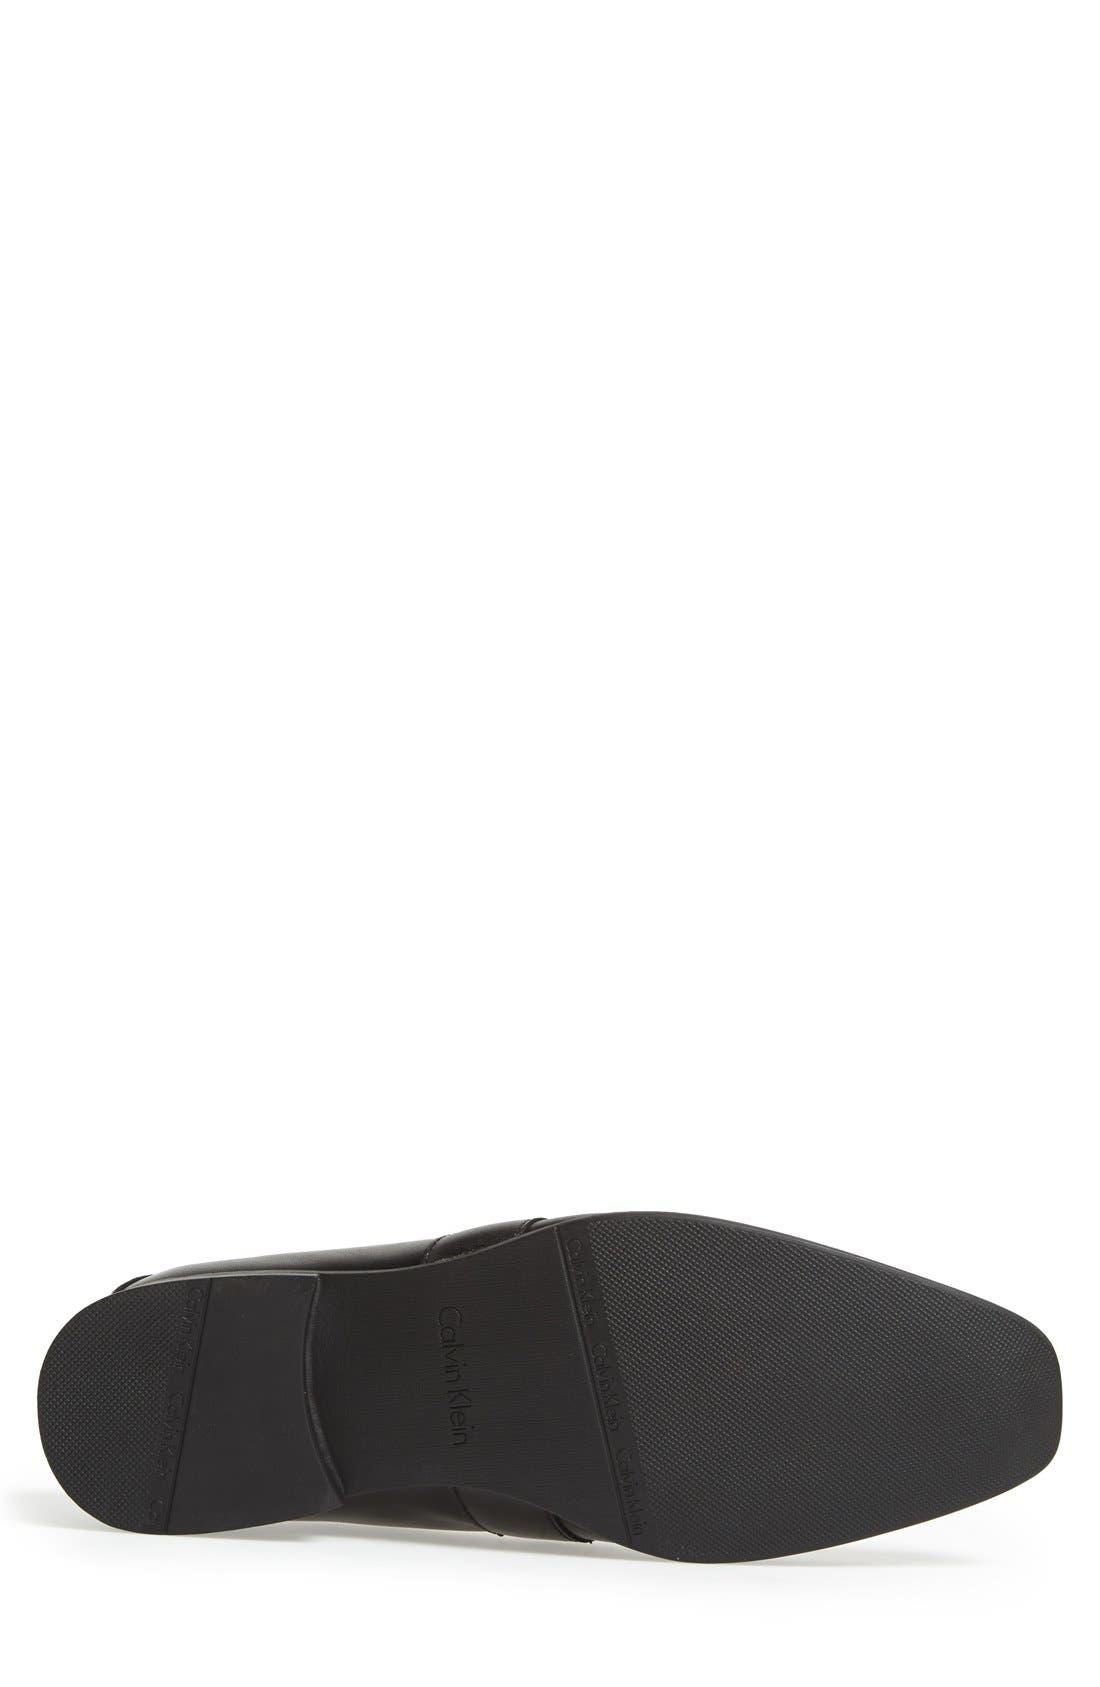 'Bartley' Bit Loafer,                             Alternate thumbnail 6, color,                             BLACK